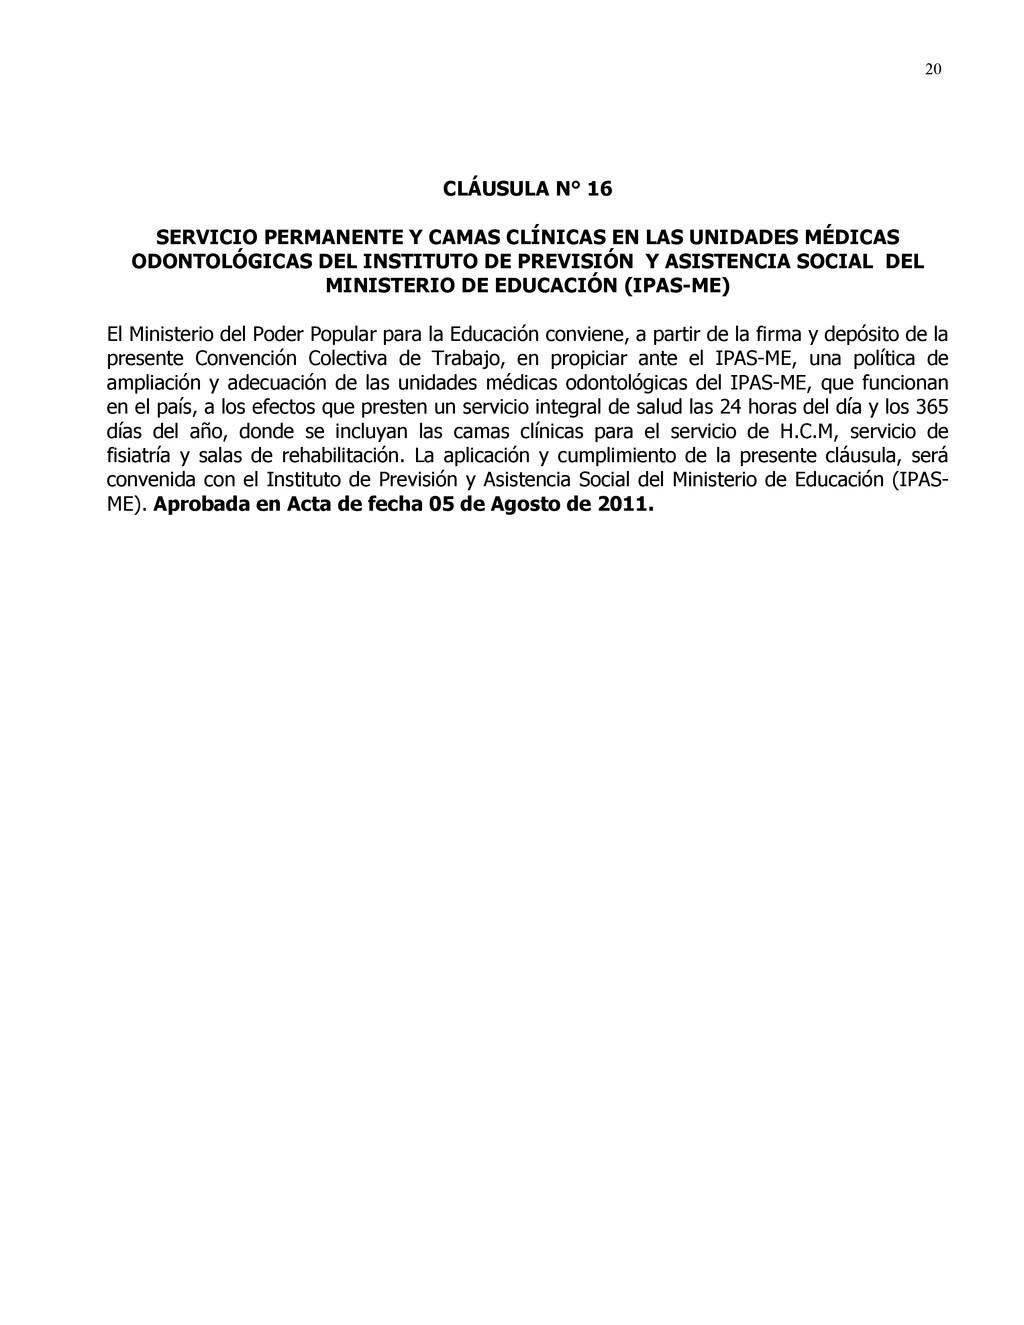 20 CLÁUSULA N° 16 SERVICIO PERMANENTE Y CAMAS C...